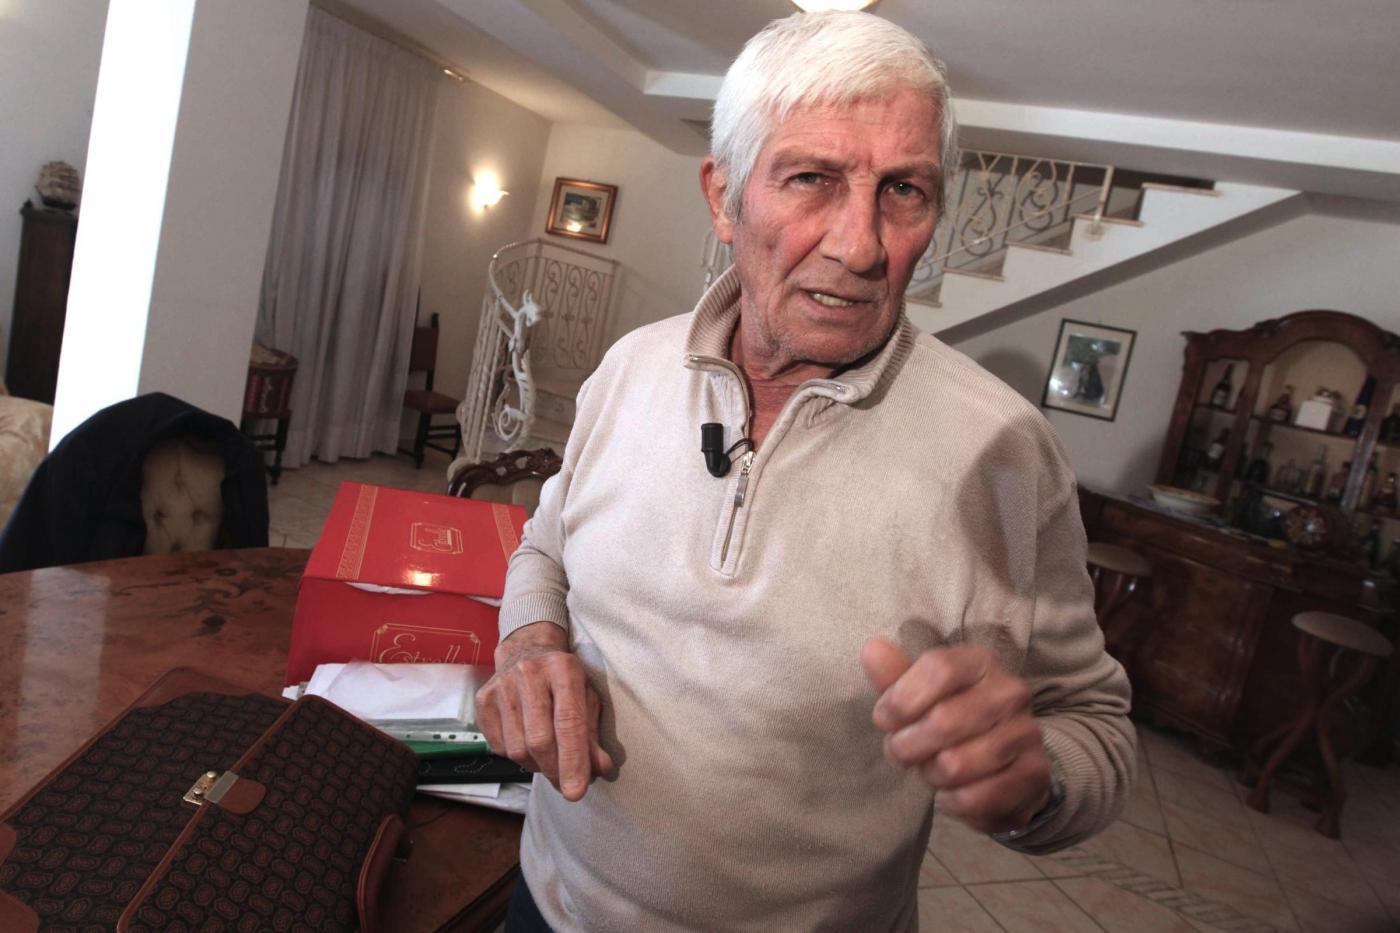 """Camorra, morto di infarto Carmine Schiavone, primo pentito del clan dei Casalesi. Diceva spesso: """"Quando muoio andrò di fronte all'unico che ha titolo di giudicarmi"""""""